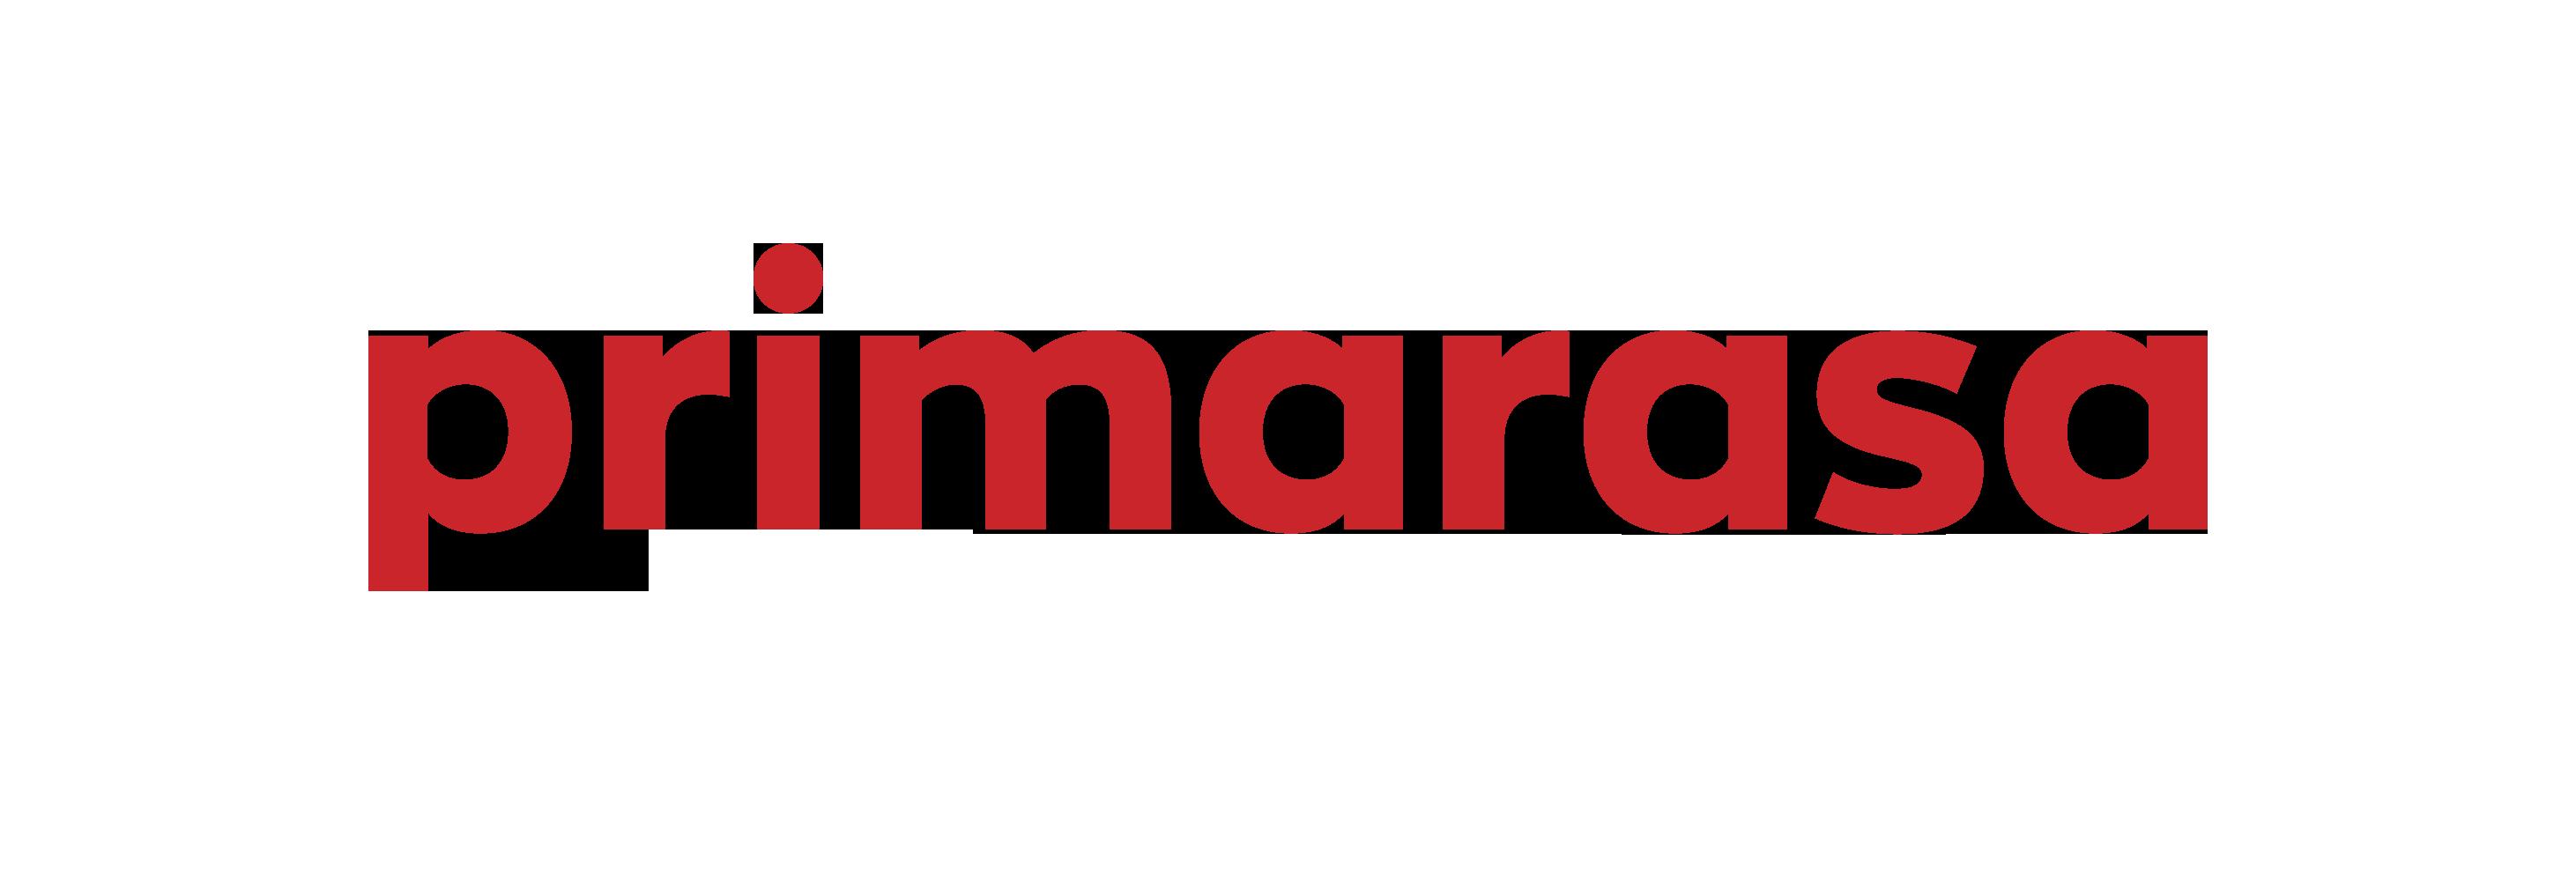 https://www.primarasa.co.id/